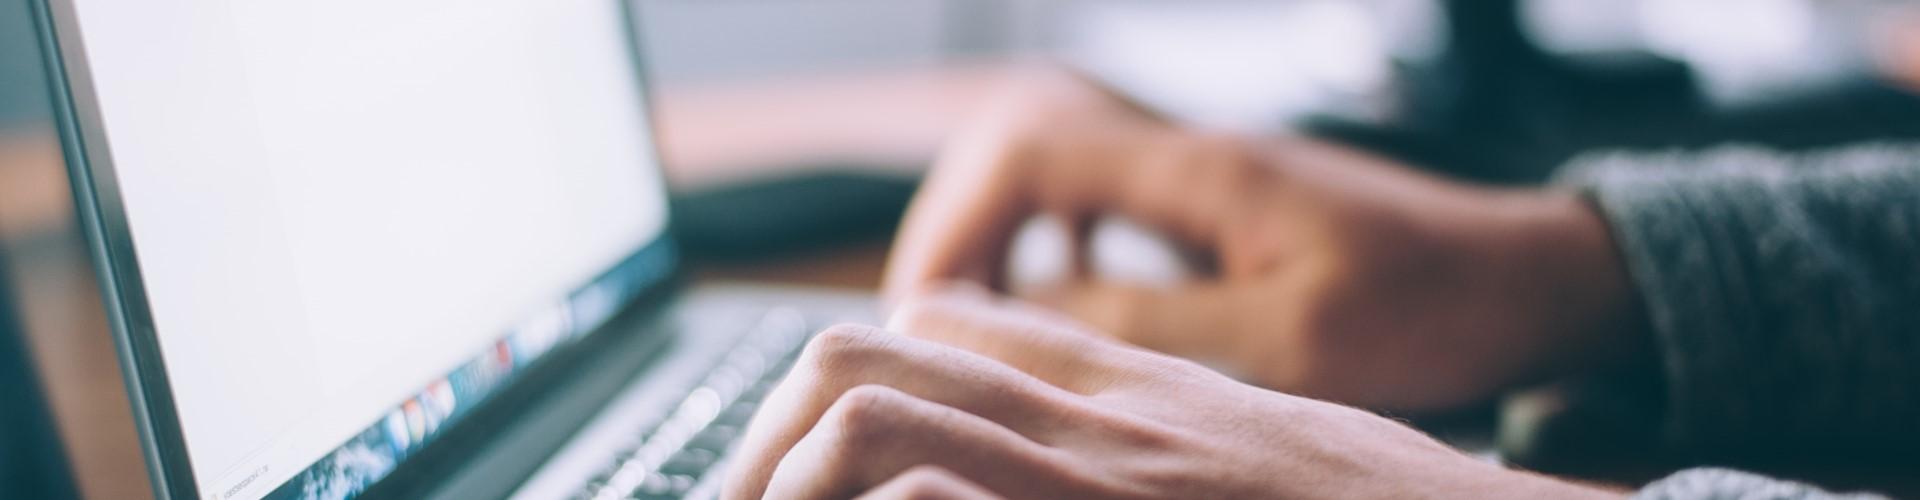 Mains sur un clavier d'ordinateur portable